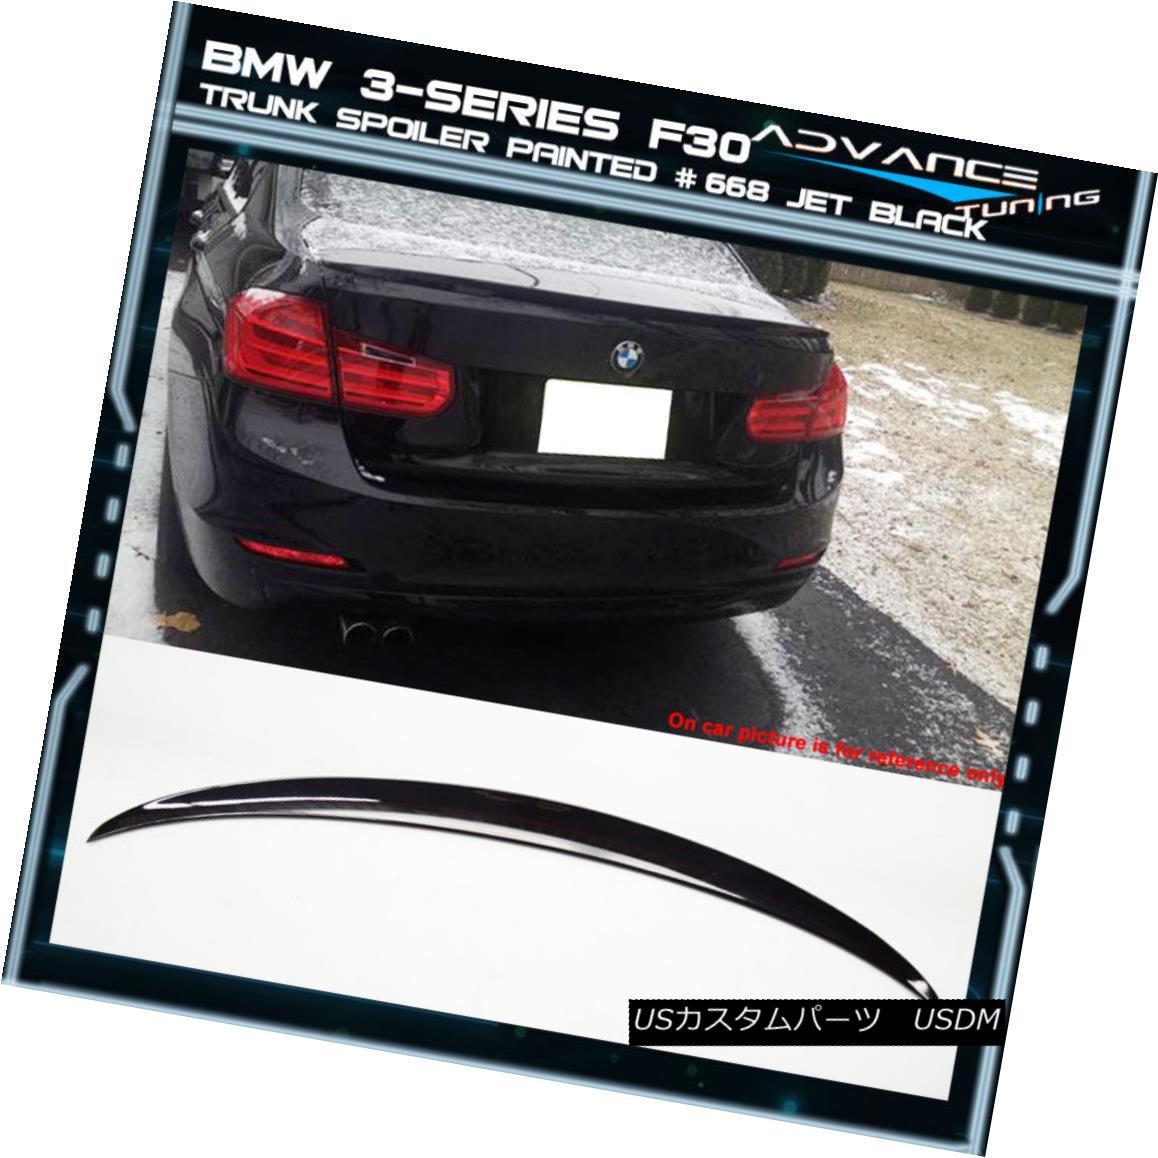 エアロパーツ 12-18 BMW 3-Series F30 4Dr Trunk Spoiler OEM Painted Color # 668 Jet Black 12-18 BMW 3シリーズF30 4Drトランク・スポイラーOEM塗装カラー#668ジェット・ブラック